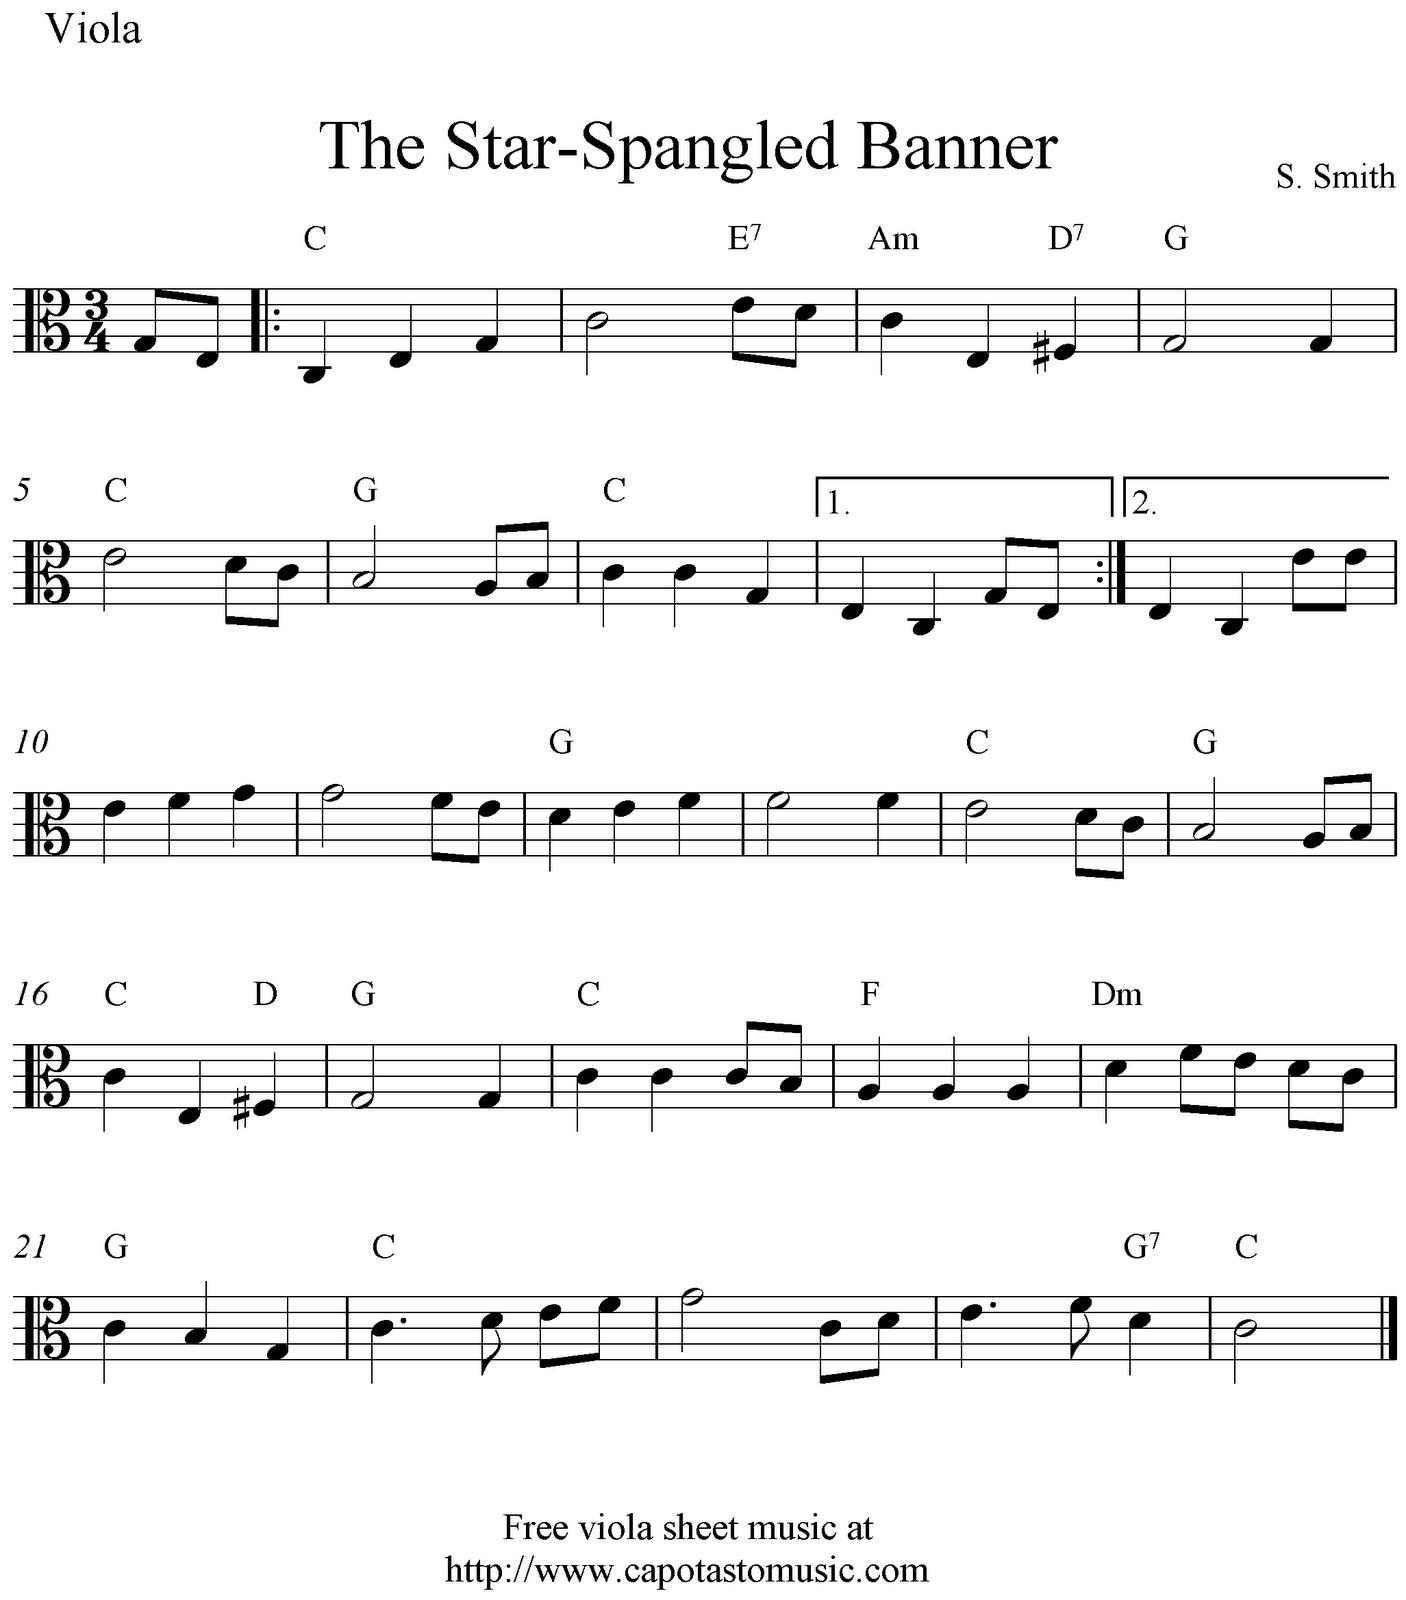 Free Printable Sheet Music Viola | Download Them Or Print - Viola Sheet Music Free Printable